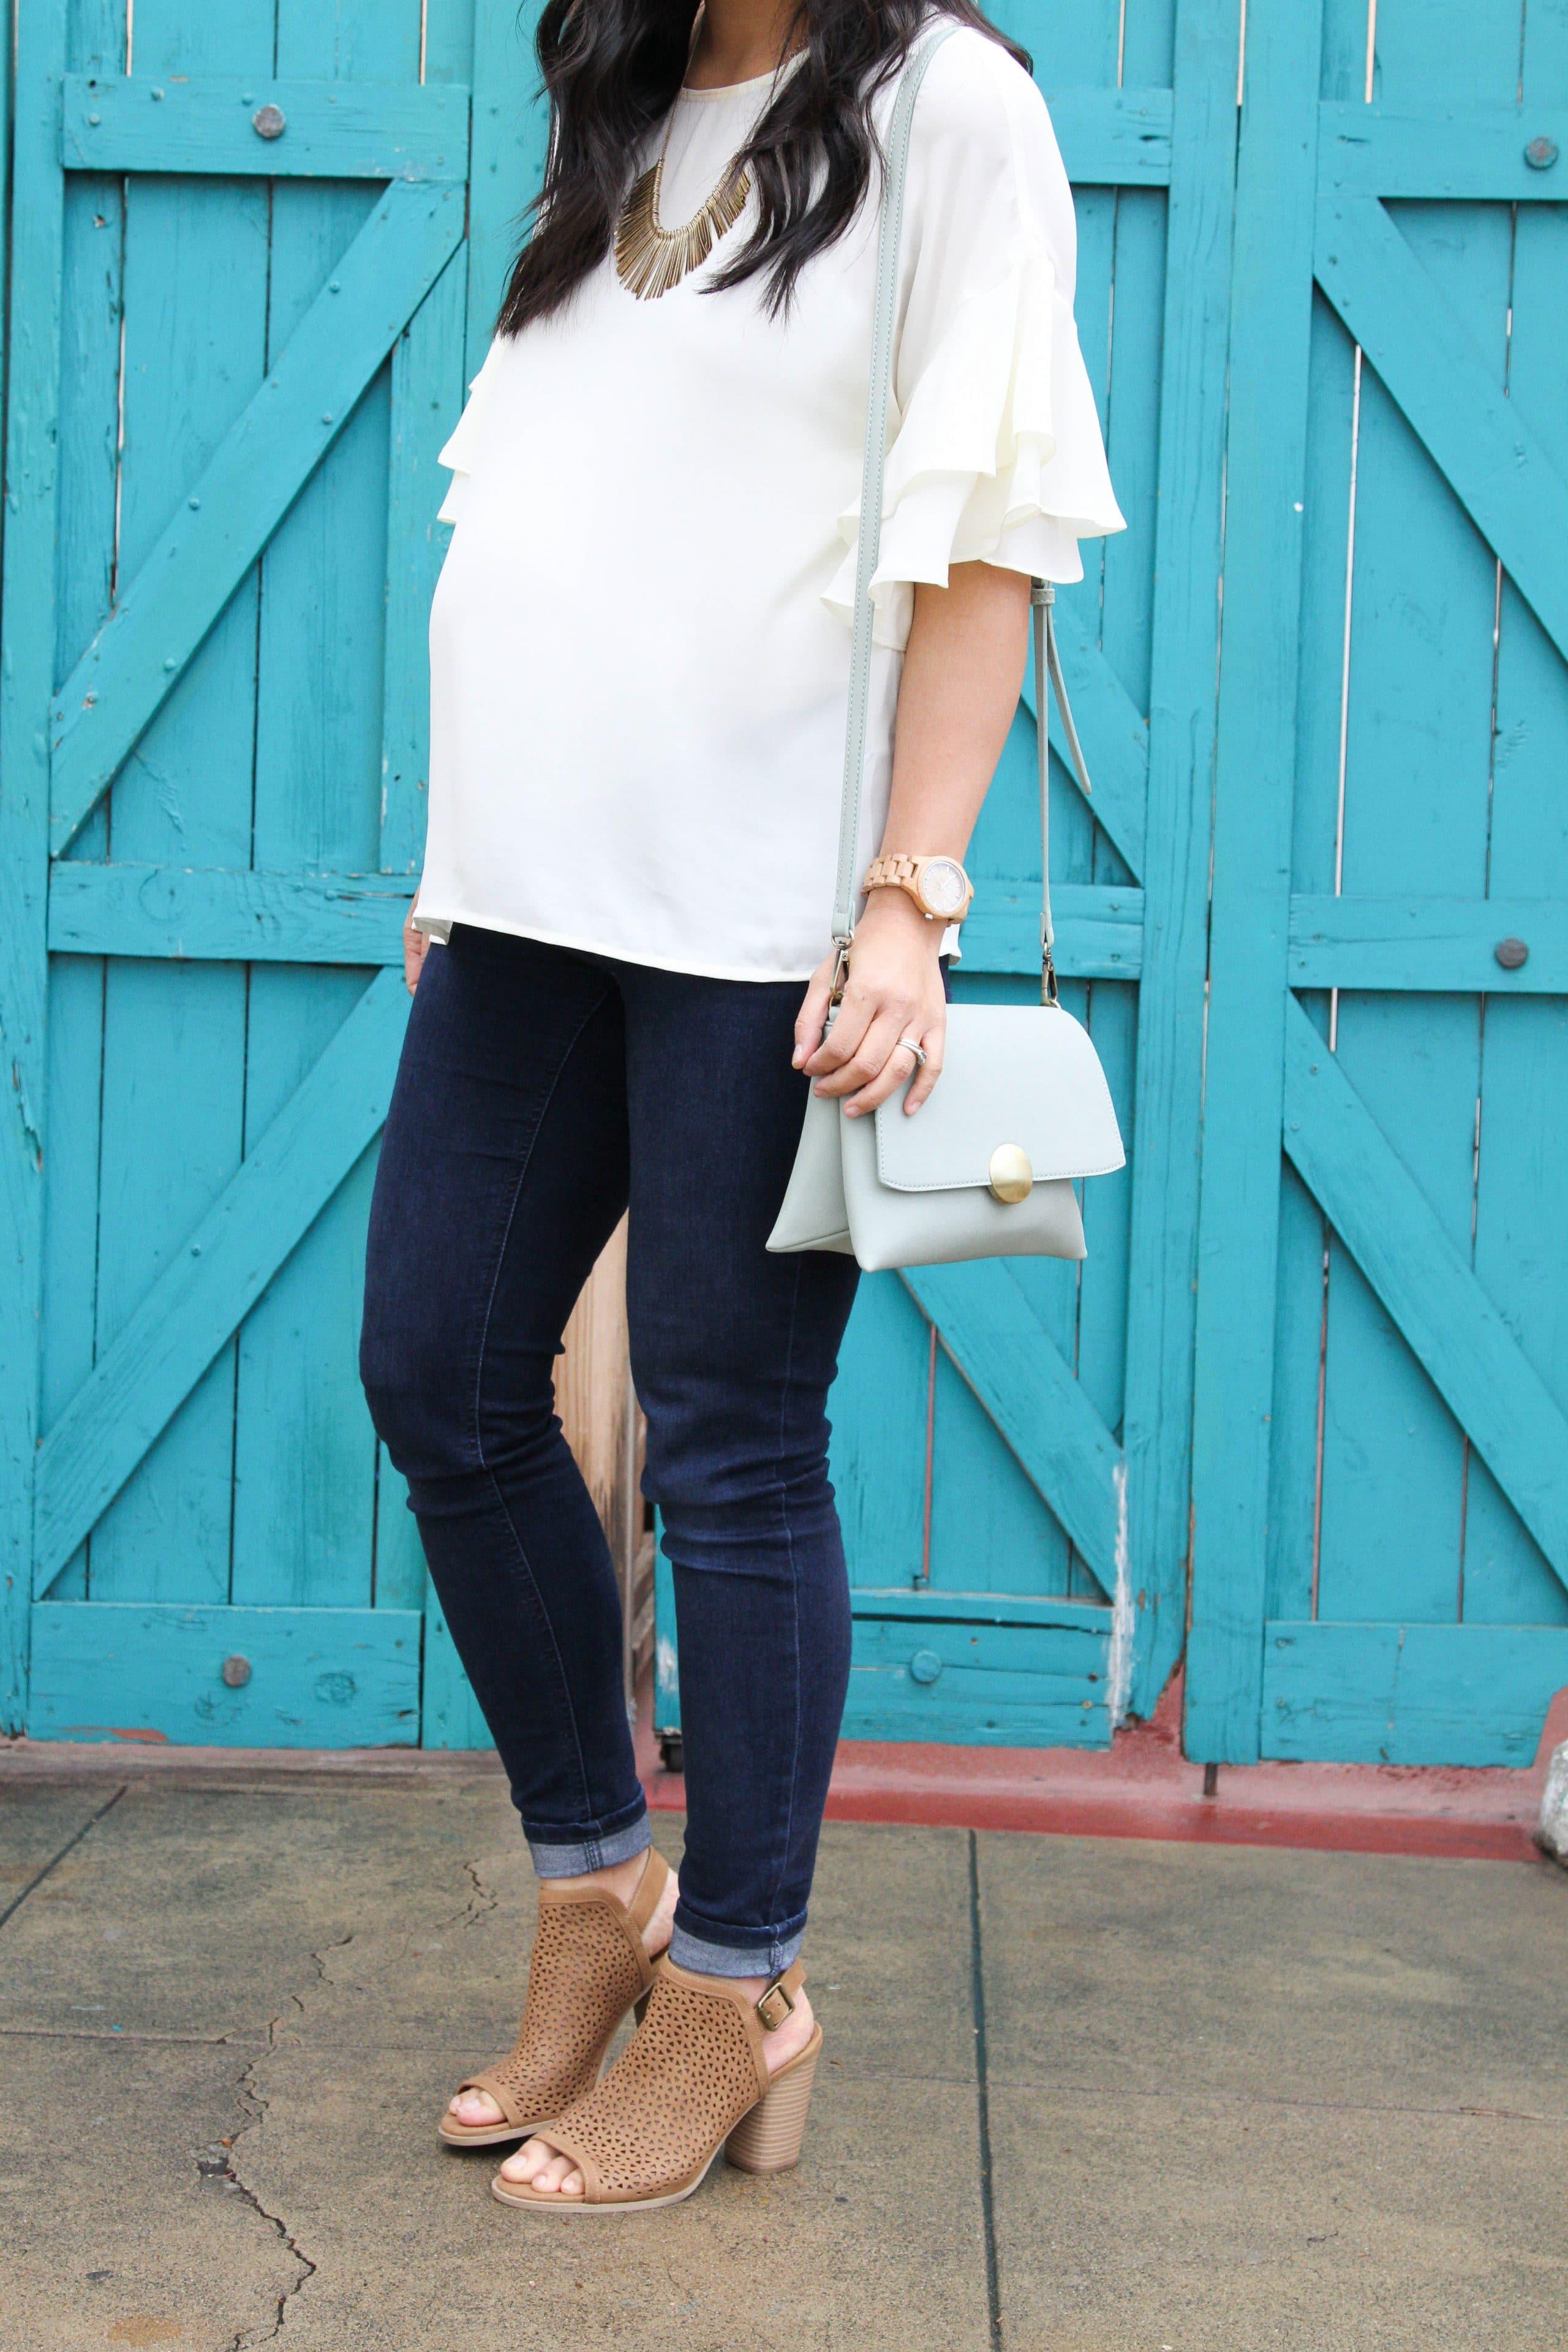 White Bell Sleeves Blouse + Skinnies + Peep Toe Booties + Mint Bag